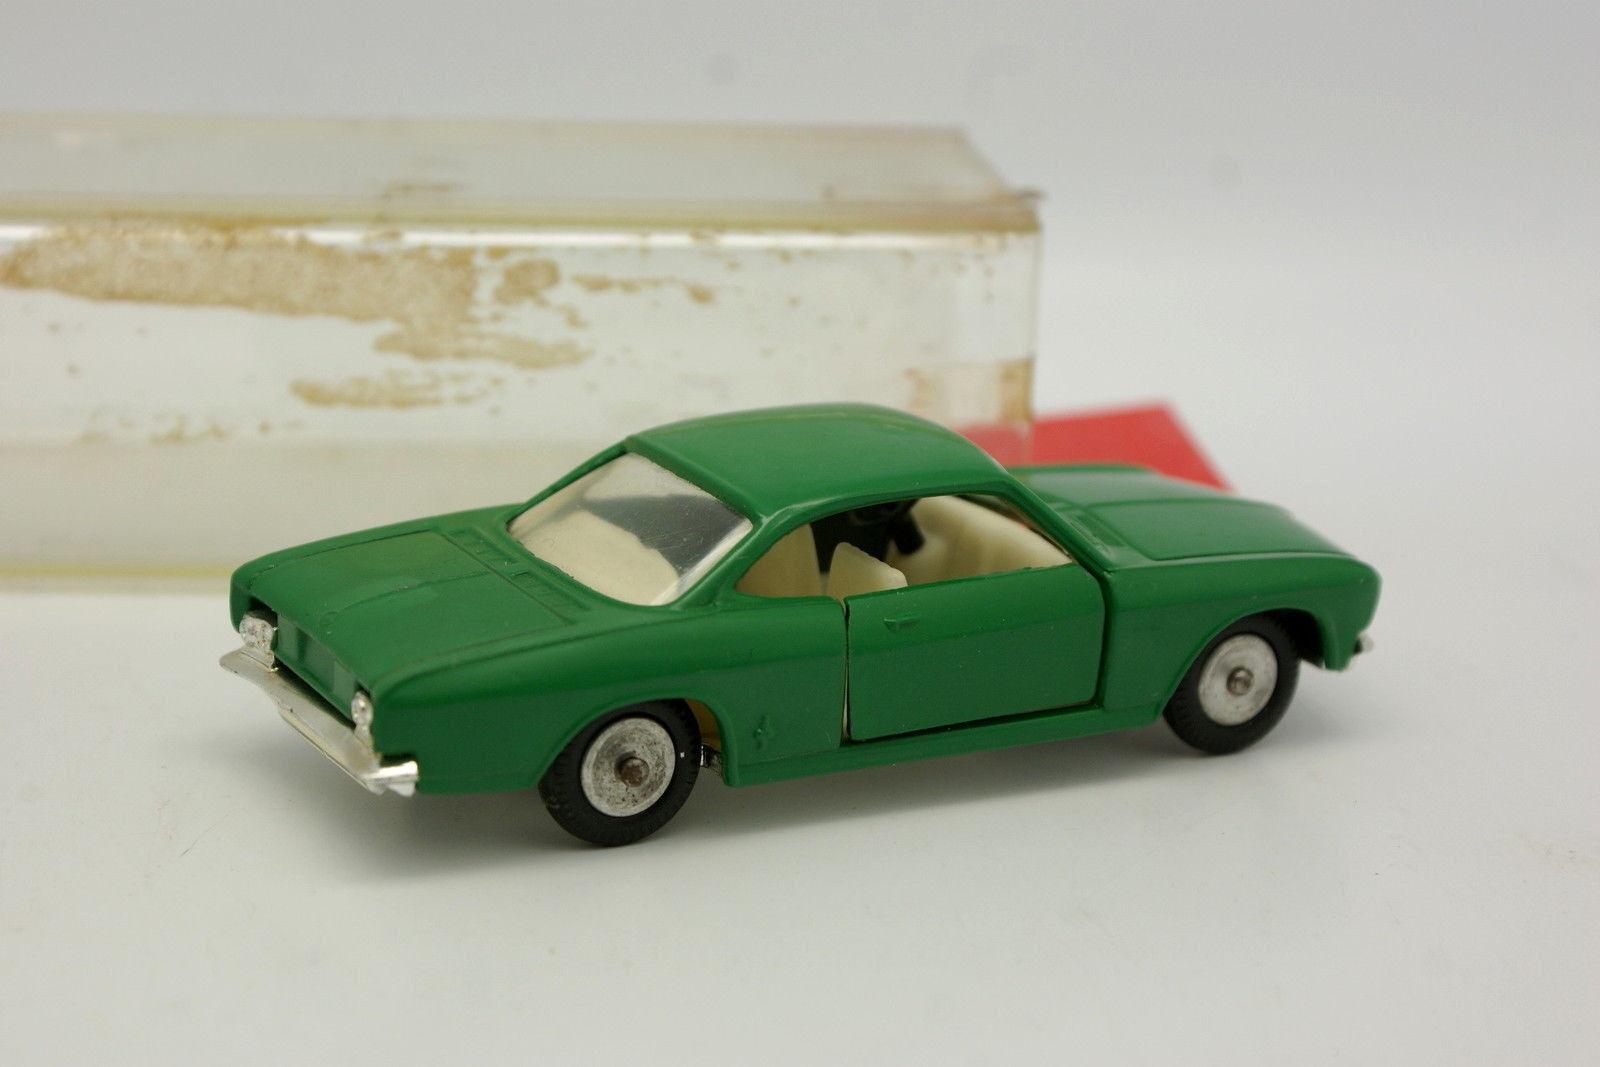 Cragstan Cragstan Cragstan 1/43 - Chevrolet Corvair Verde e84135